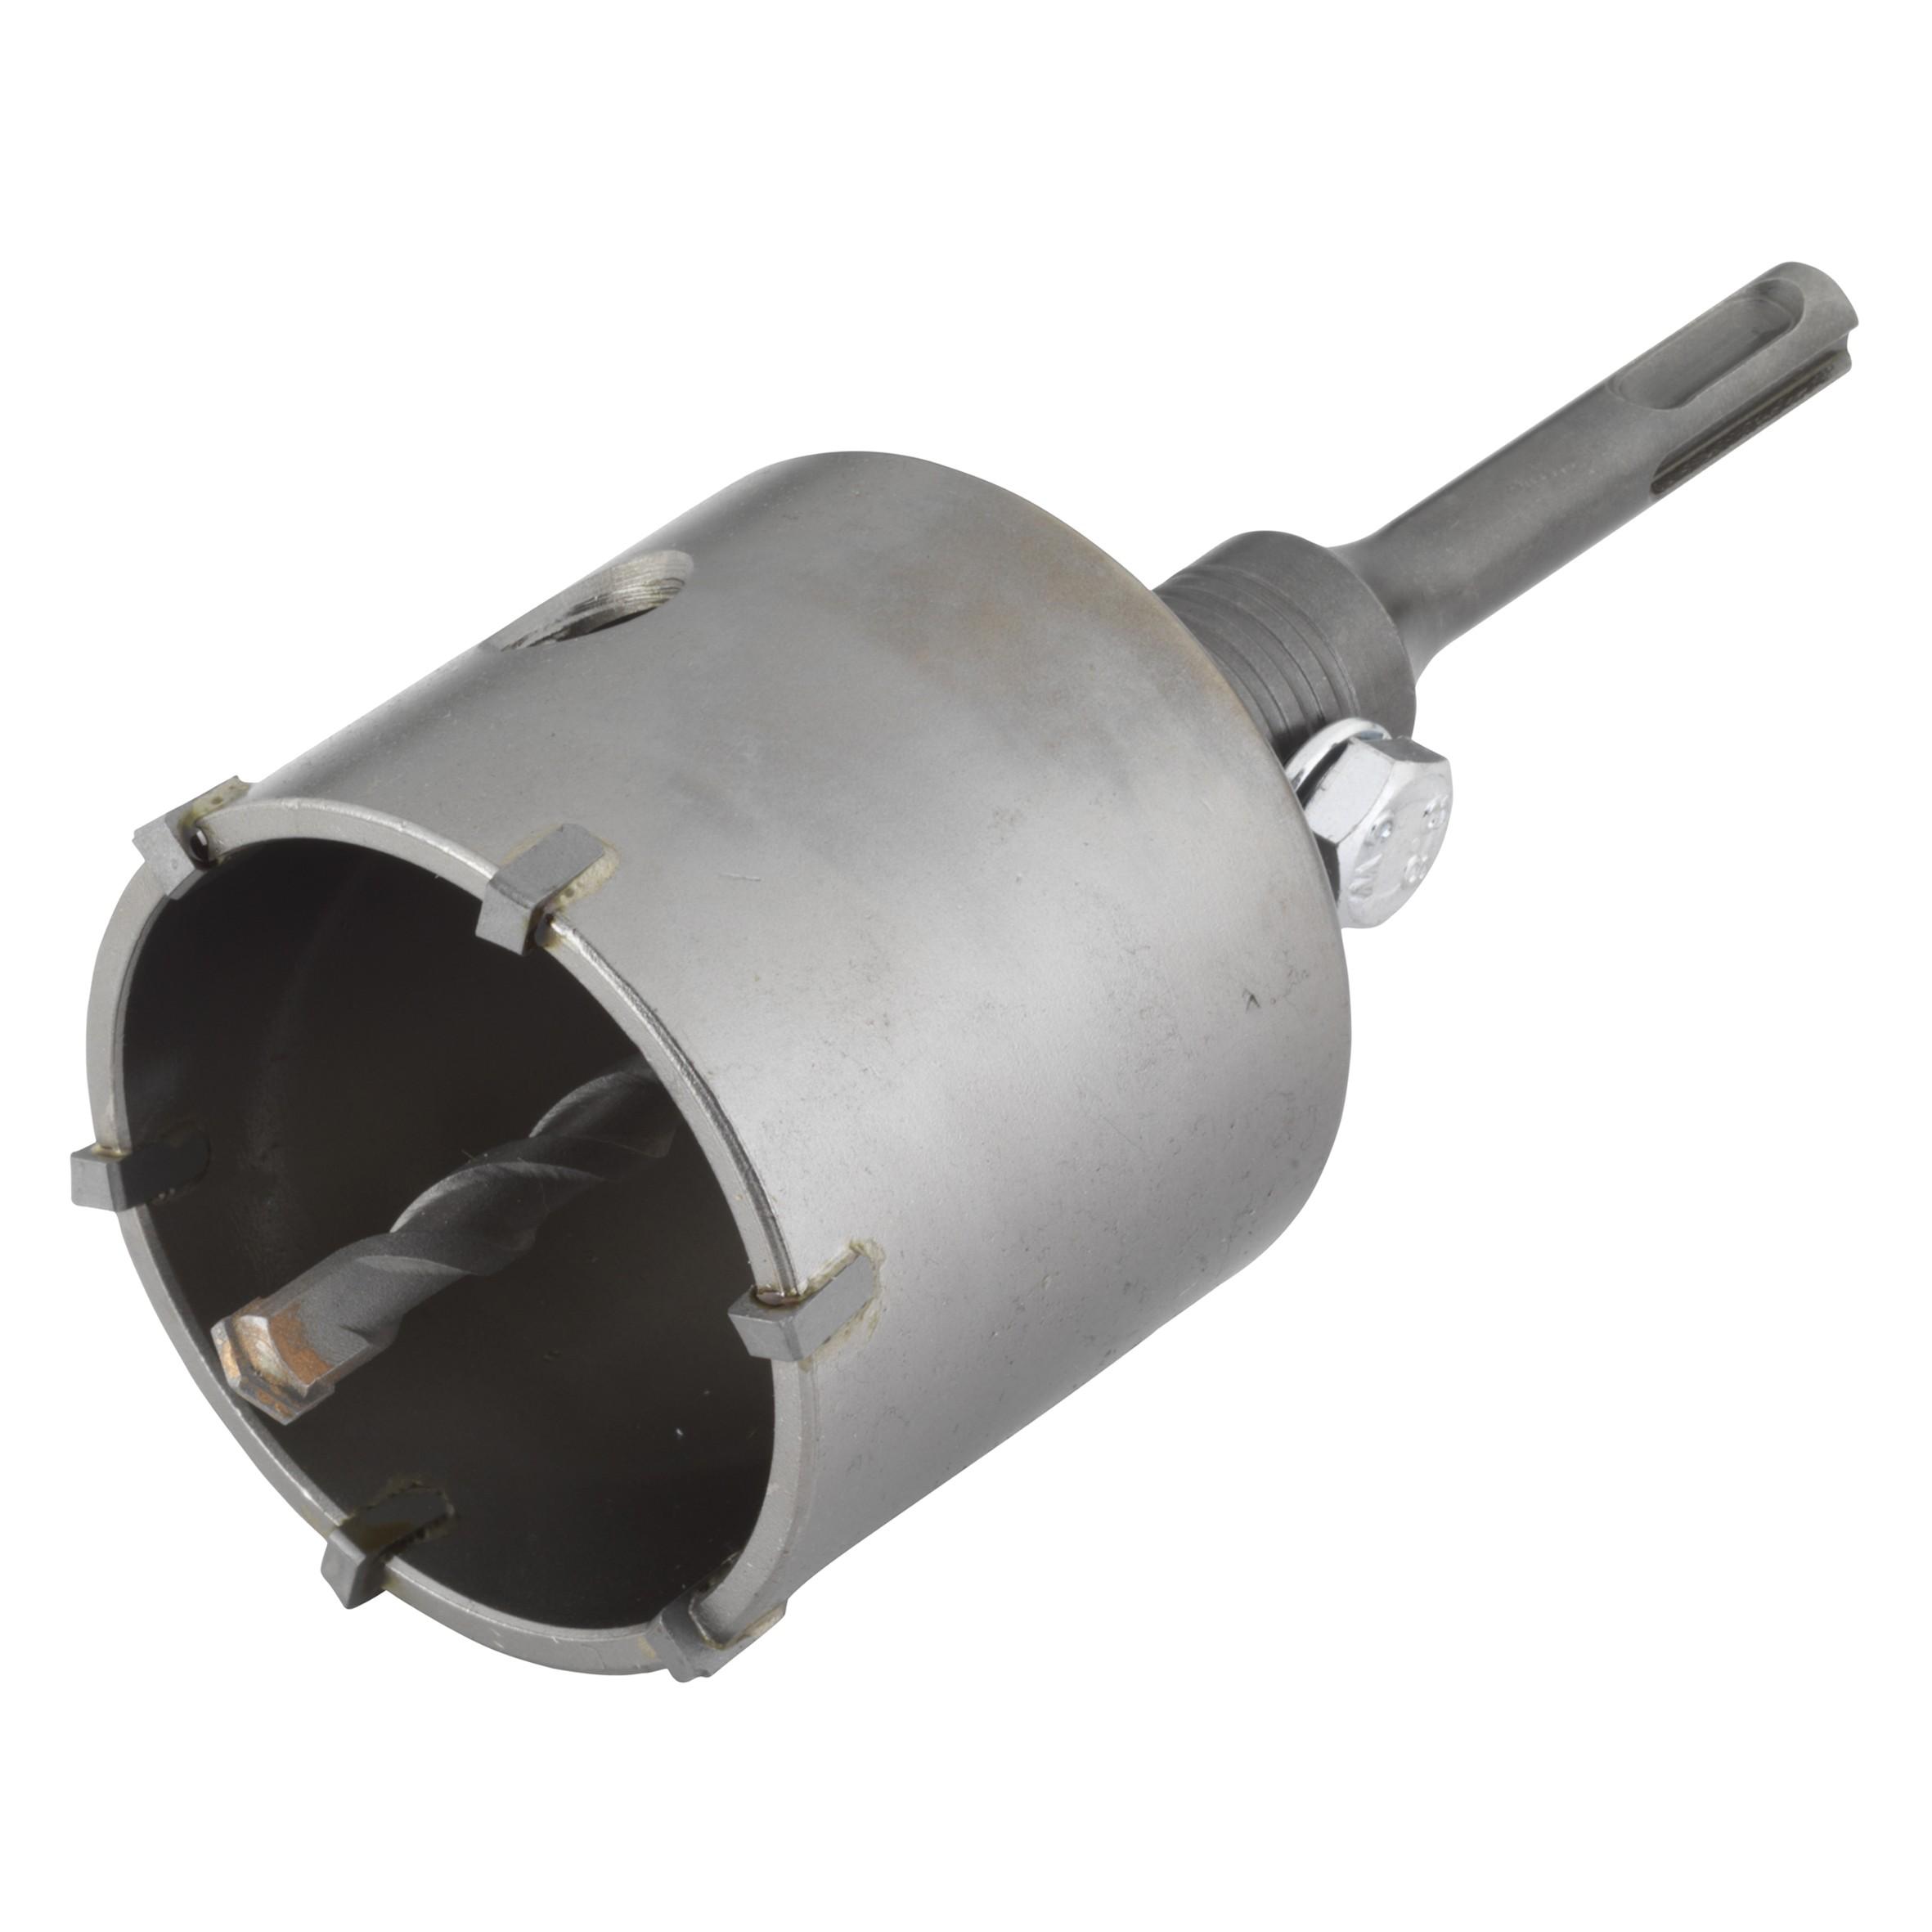 Diametre Scie Cloche Prise De Courant scie cloche pour béton sds-plus